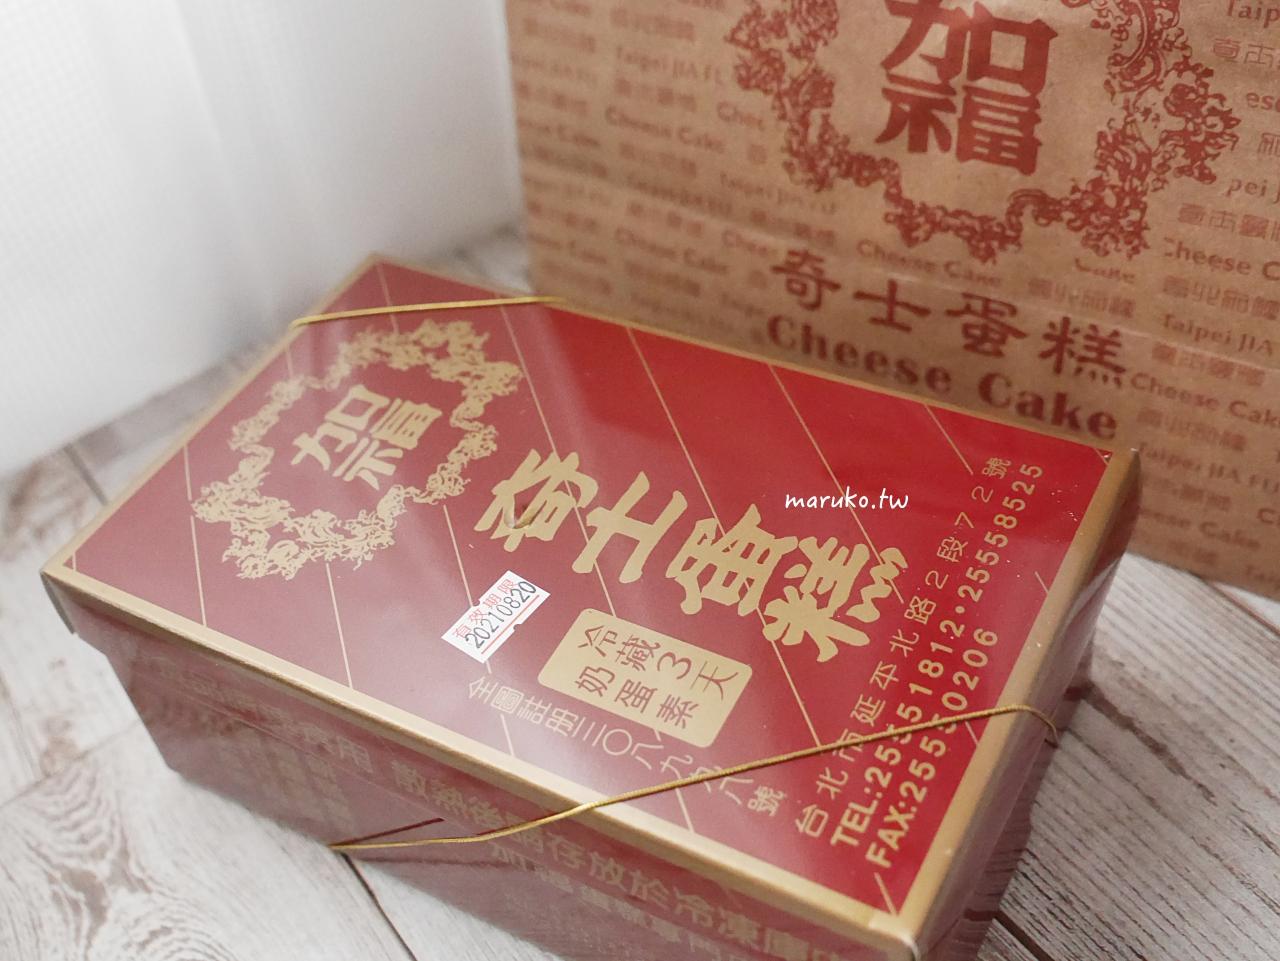 【台北】加福奇士蛋糕專門店 西區超火紅老字號起酥蛋糕 台北伴手禮推薦 @Maruko與美食有個約會